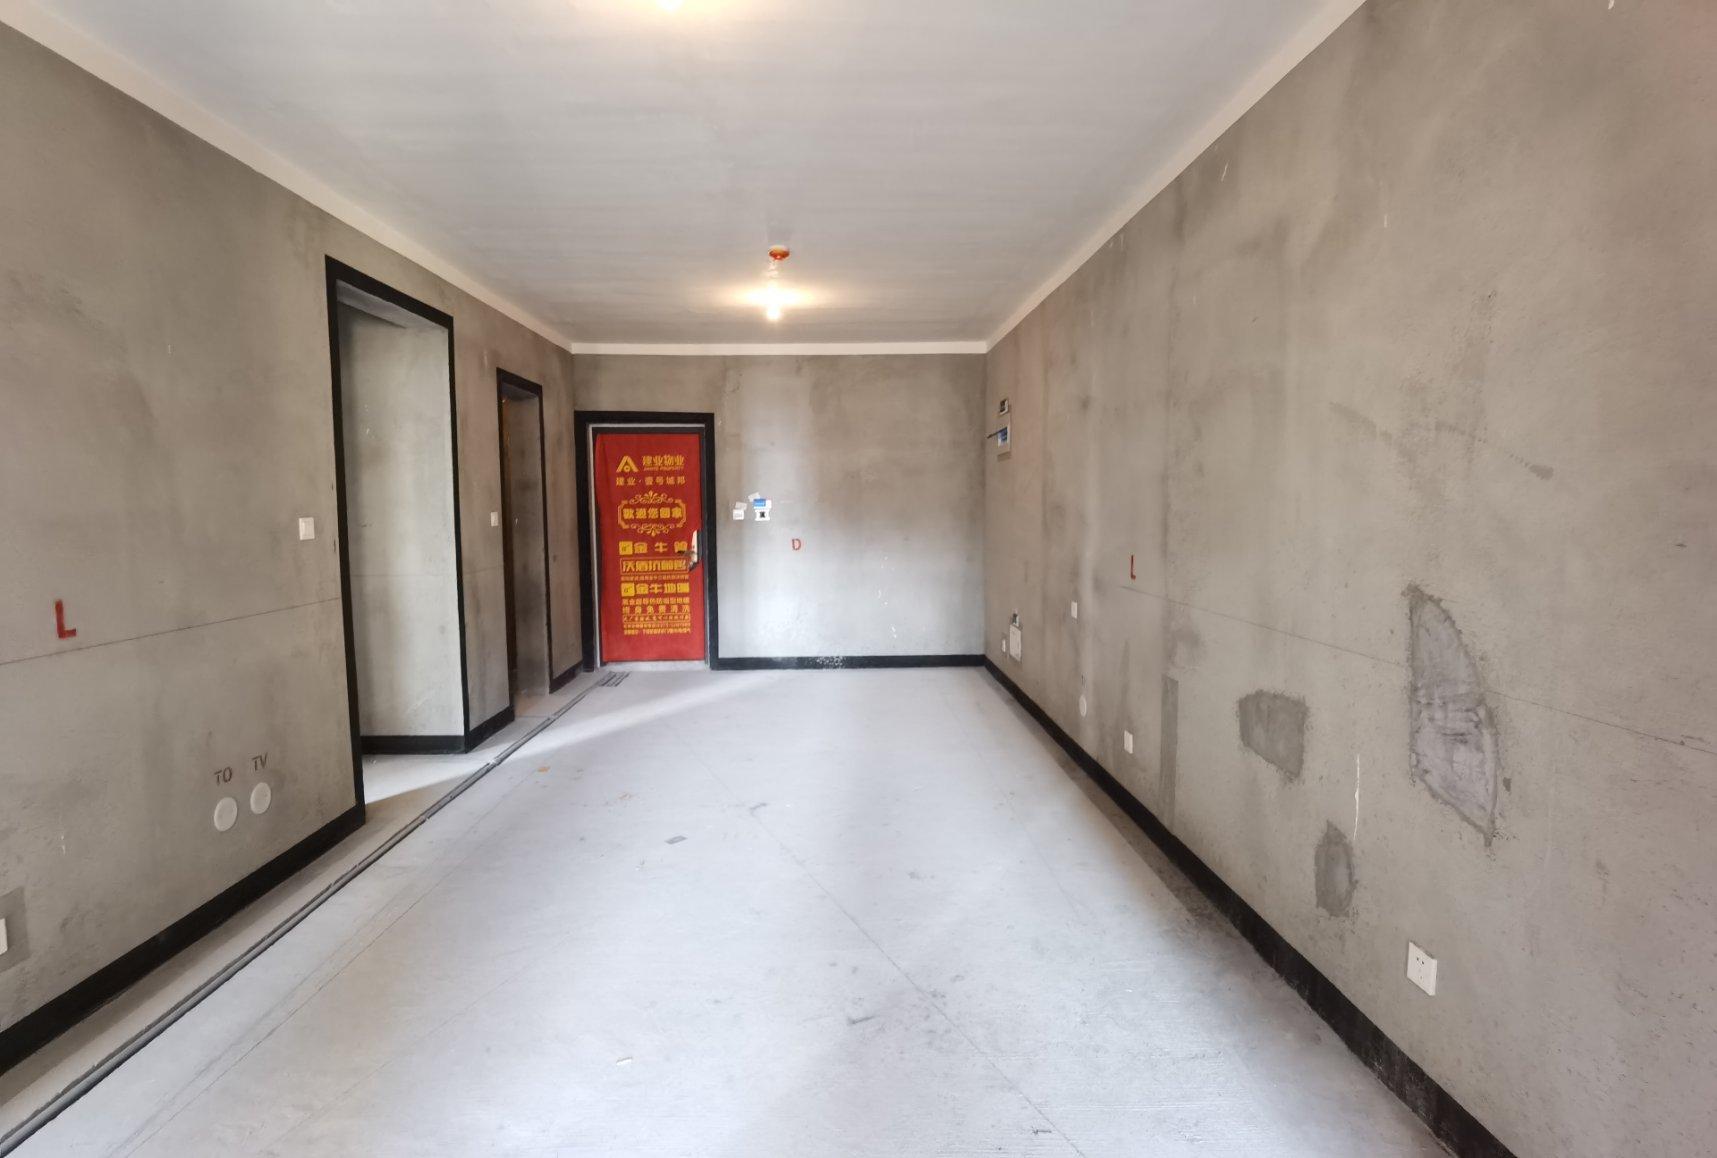 宝龙 壹号城邦 毛坯2室 85平72万 有钥匙